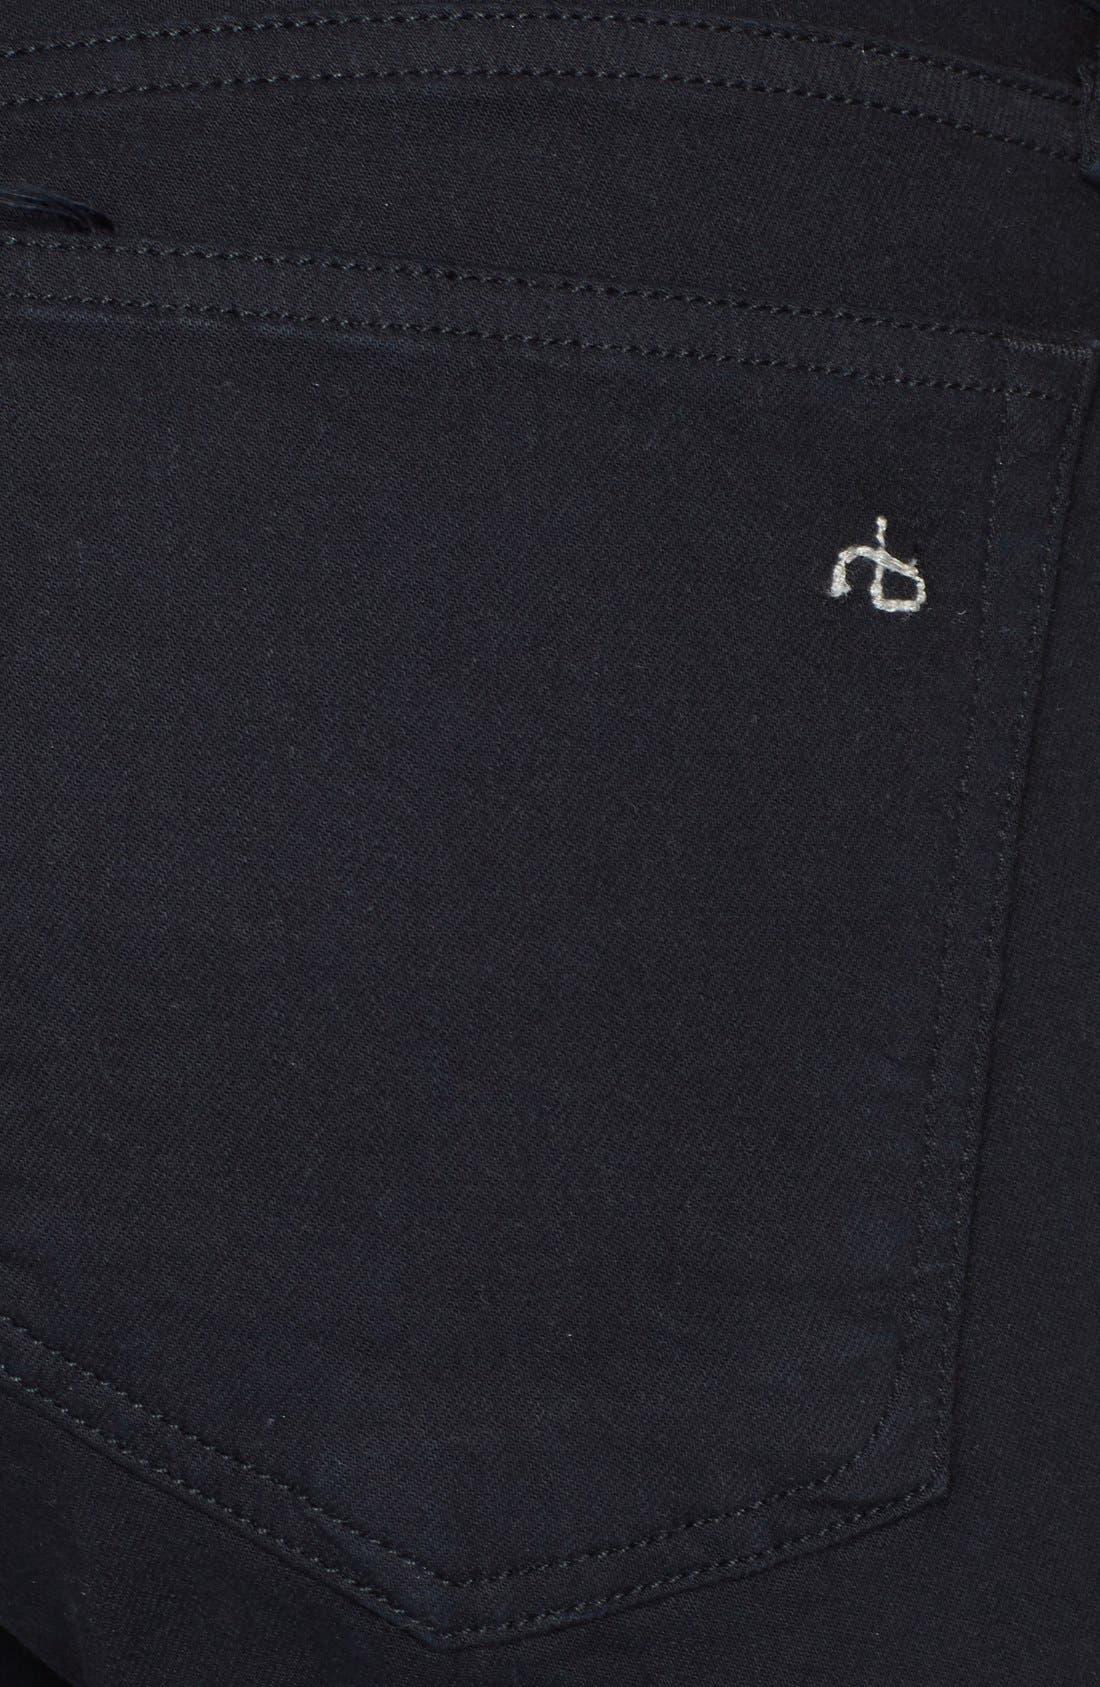 Alternate Image 3  - rag & bone/JEAN 'The Dre' Skinny Jeans (Aged Black)